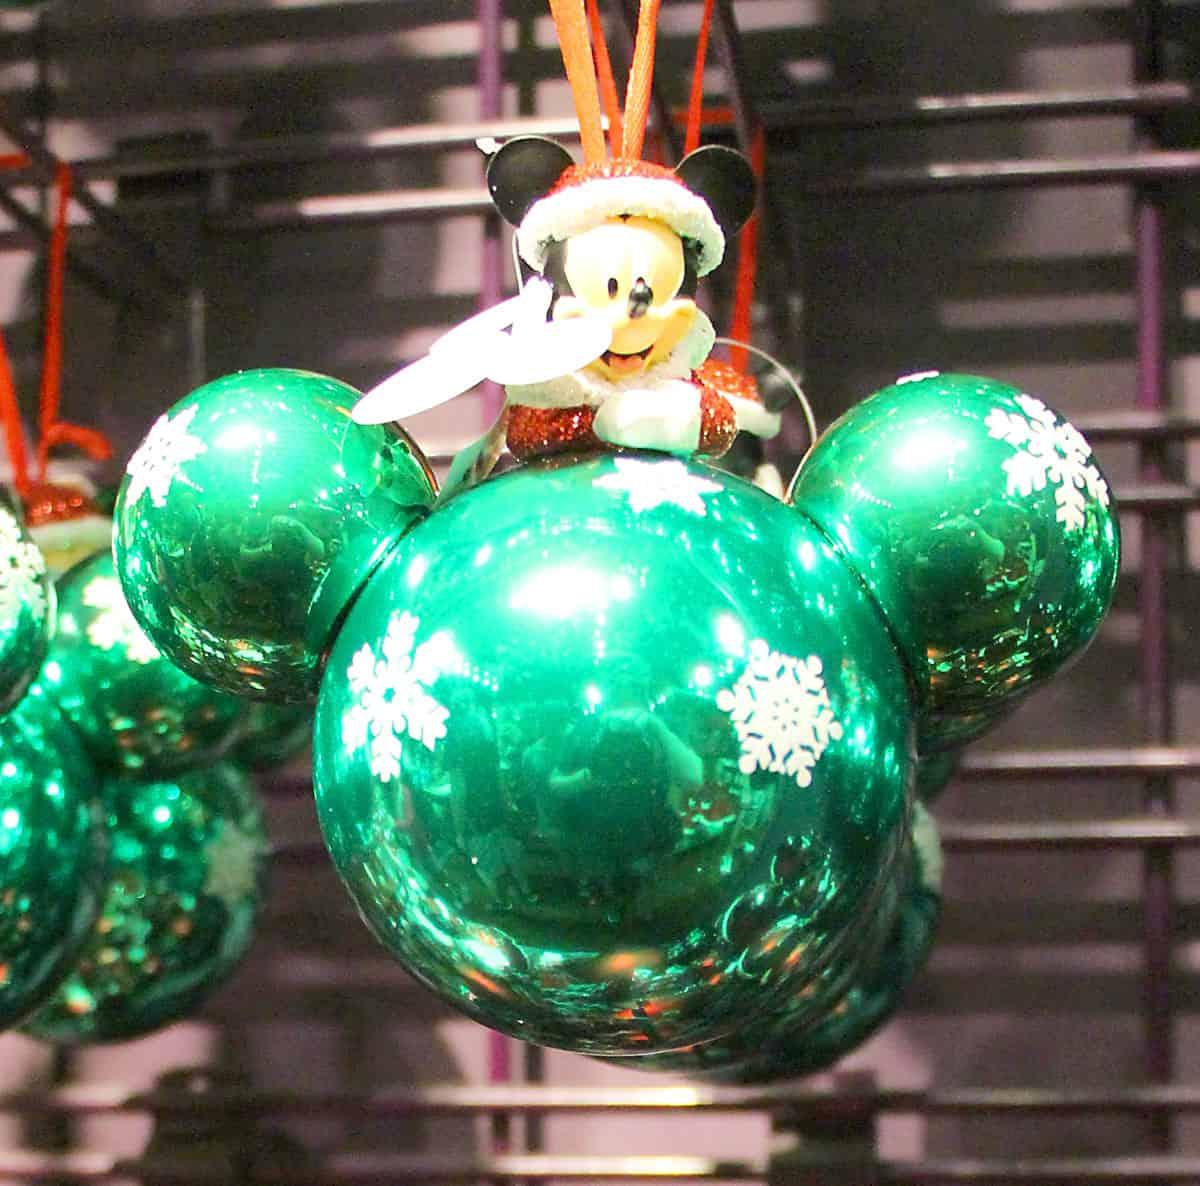 Weihnachtskugeln disney weihnachtskugeln - Weihnachtskugeln cappuccino ...